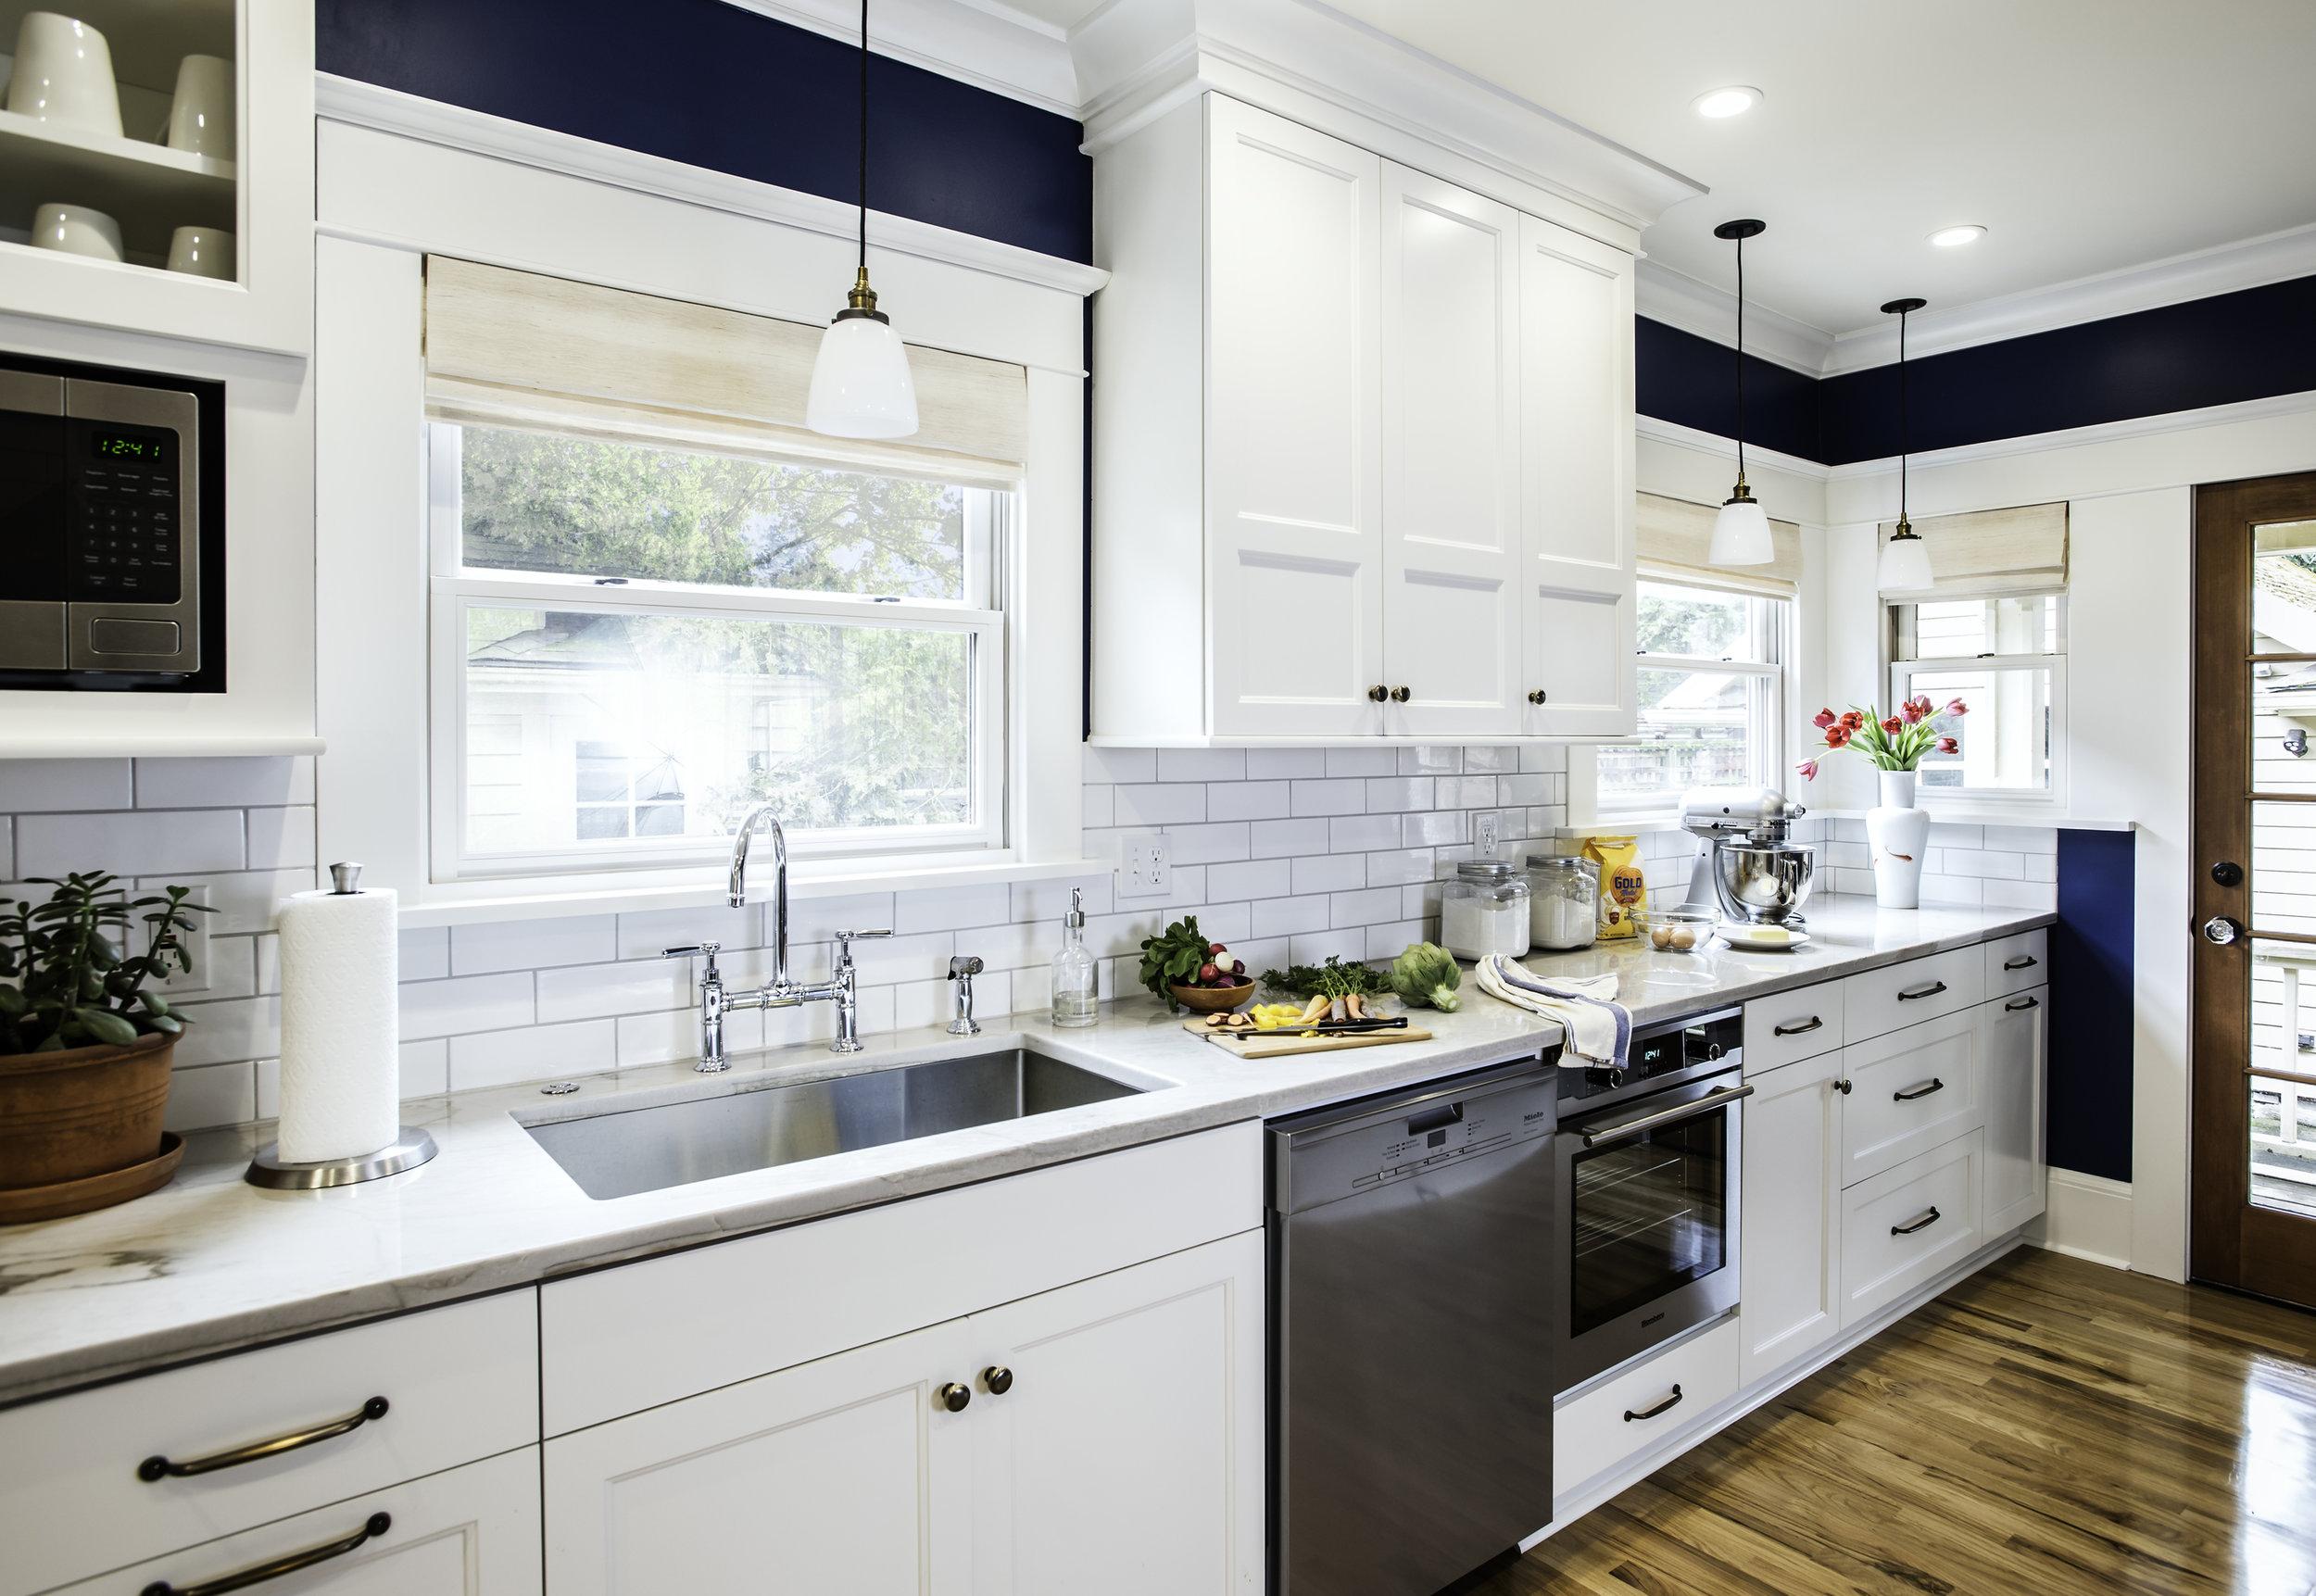 Kitchen interior design by Jenni Leasia Interior Design in Portland